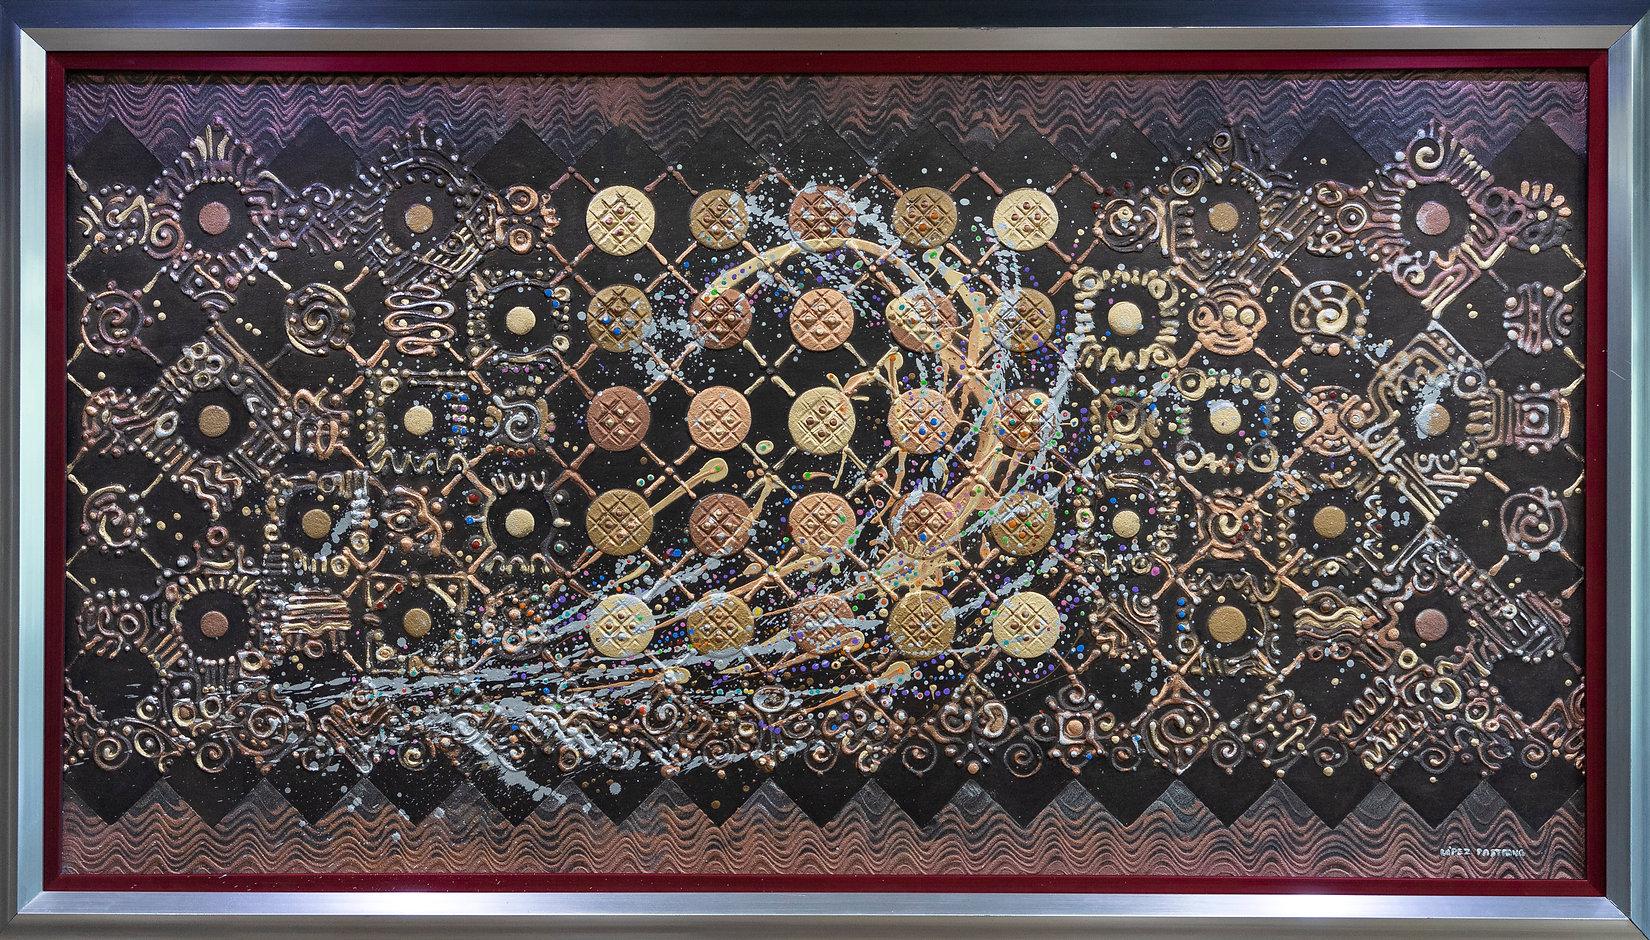 MOVIMIENTO CUANTICO NeoCrotalic Mexican Artwork Original by Javier Lopez Pastrana.JPG